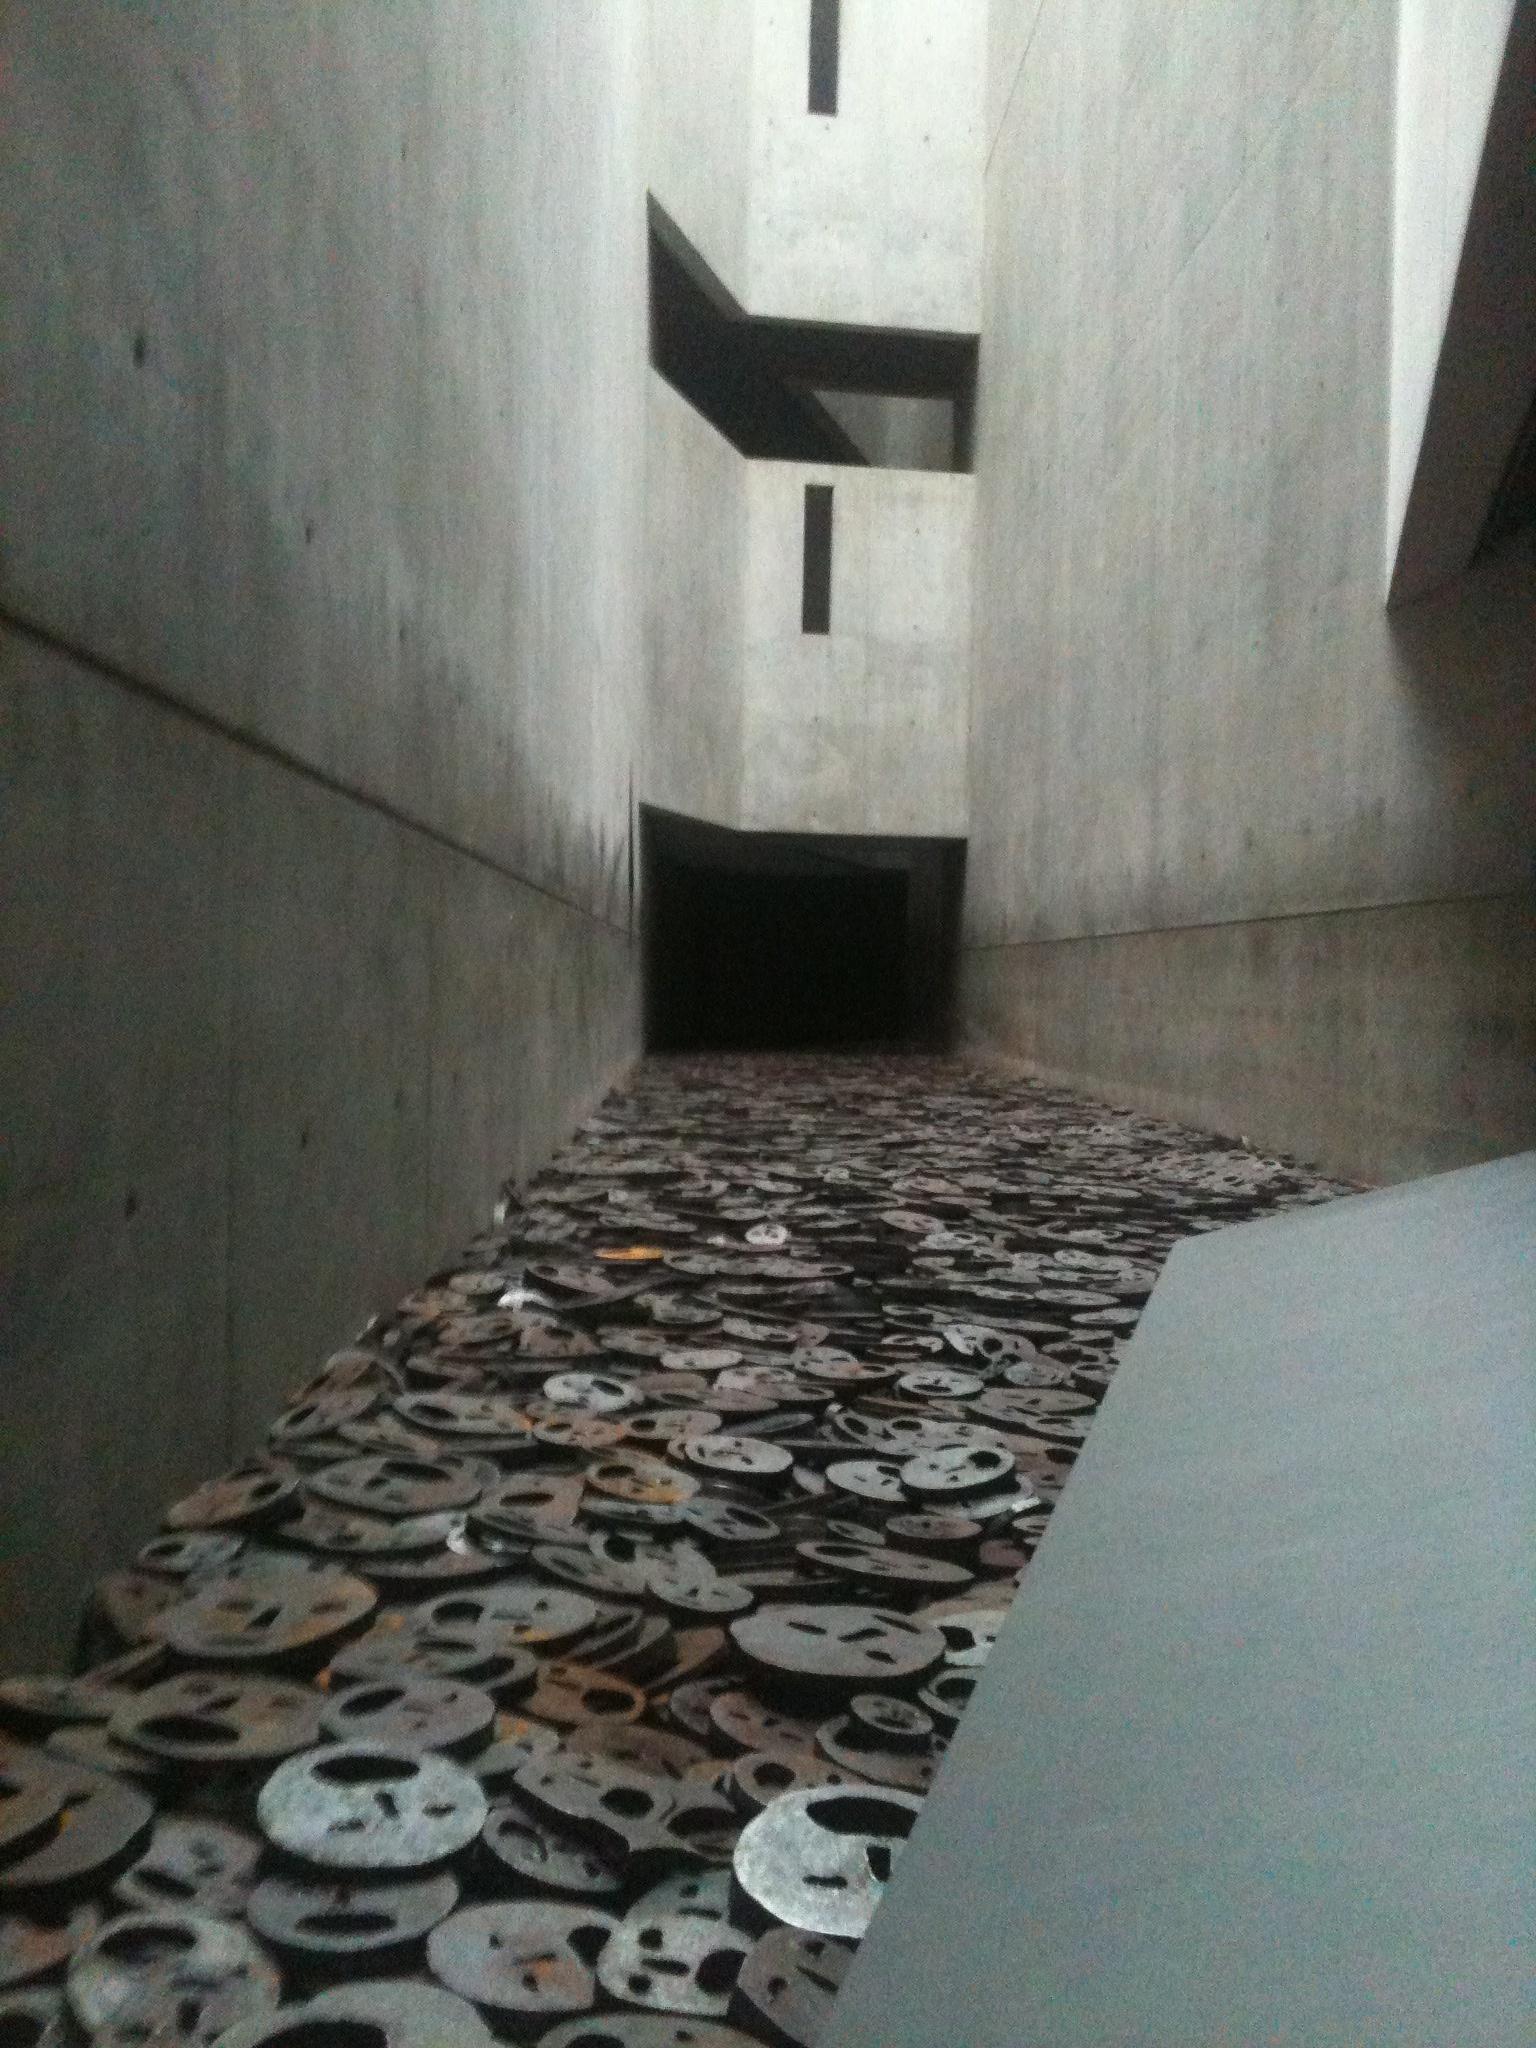 Image 4 : Installation de Menasche Kadischman dans « Le Vide de la Mémoire ». Source : Dominique Chevalier, février 2012.